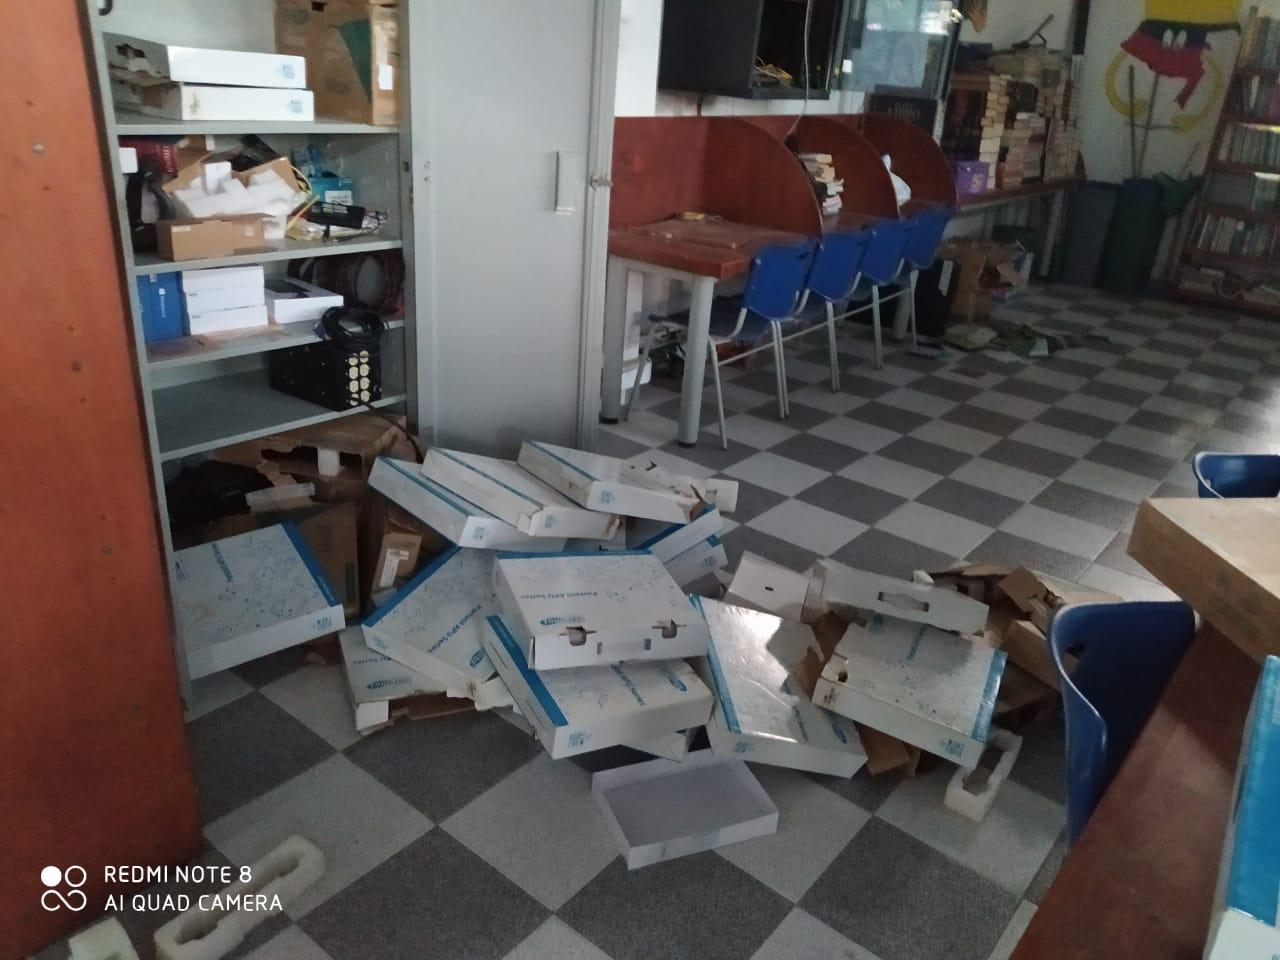 hoyennoticia.com, Roban 30 computadores de la biblioteca del parque Sagrado Corazón de Maicao